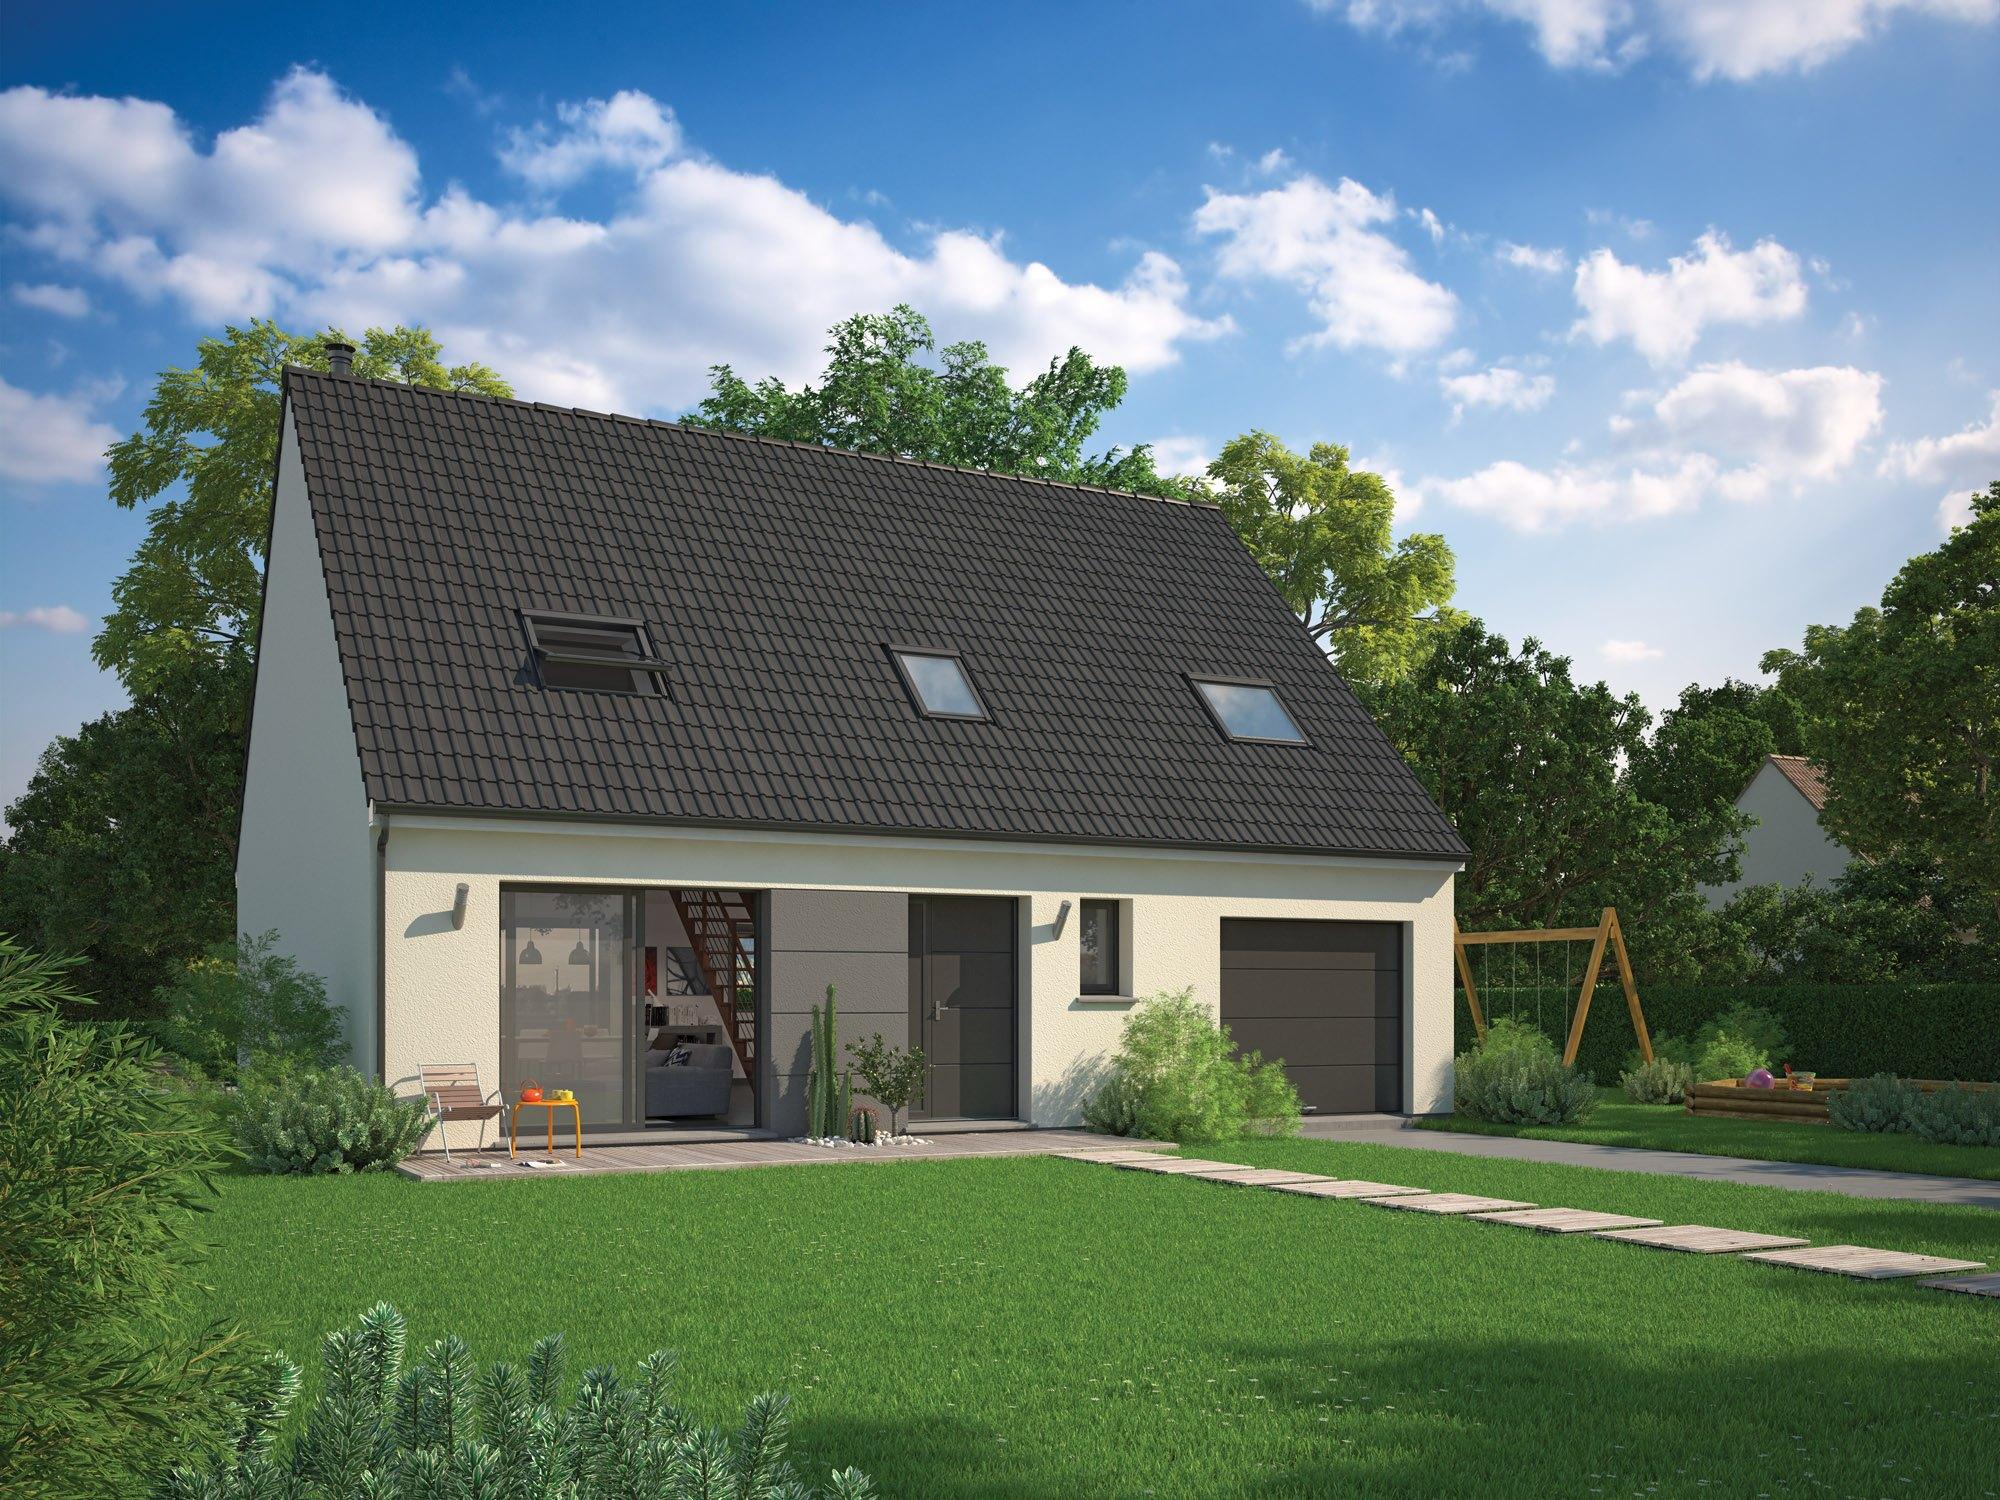 Maisons + Terrains du constructeur MAISON FAMILIALE • 100 m² • RONQUEROLLES